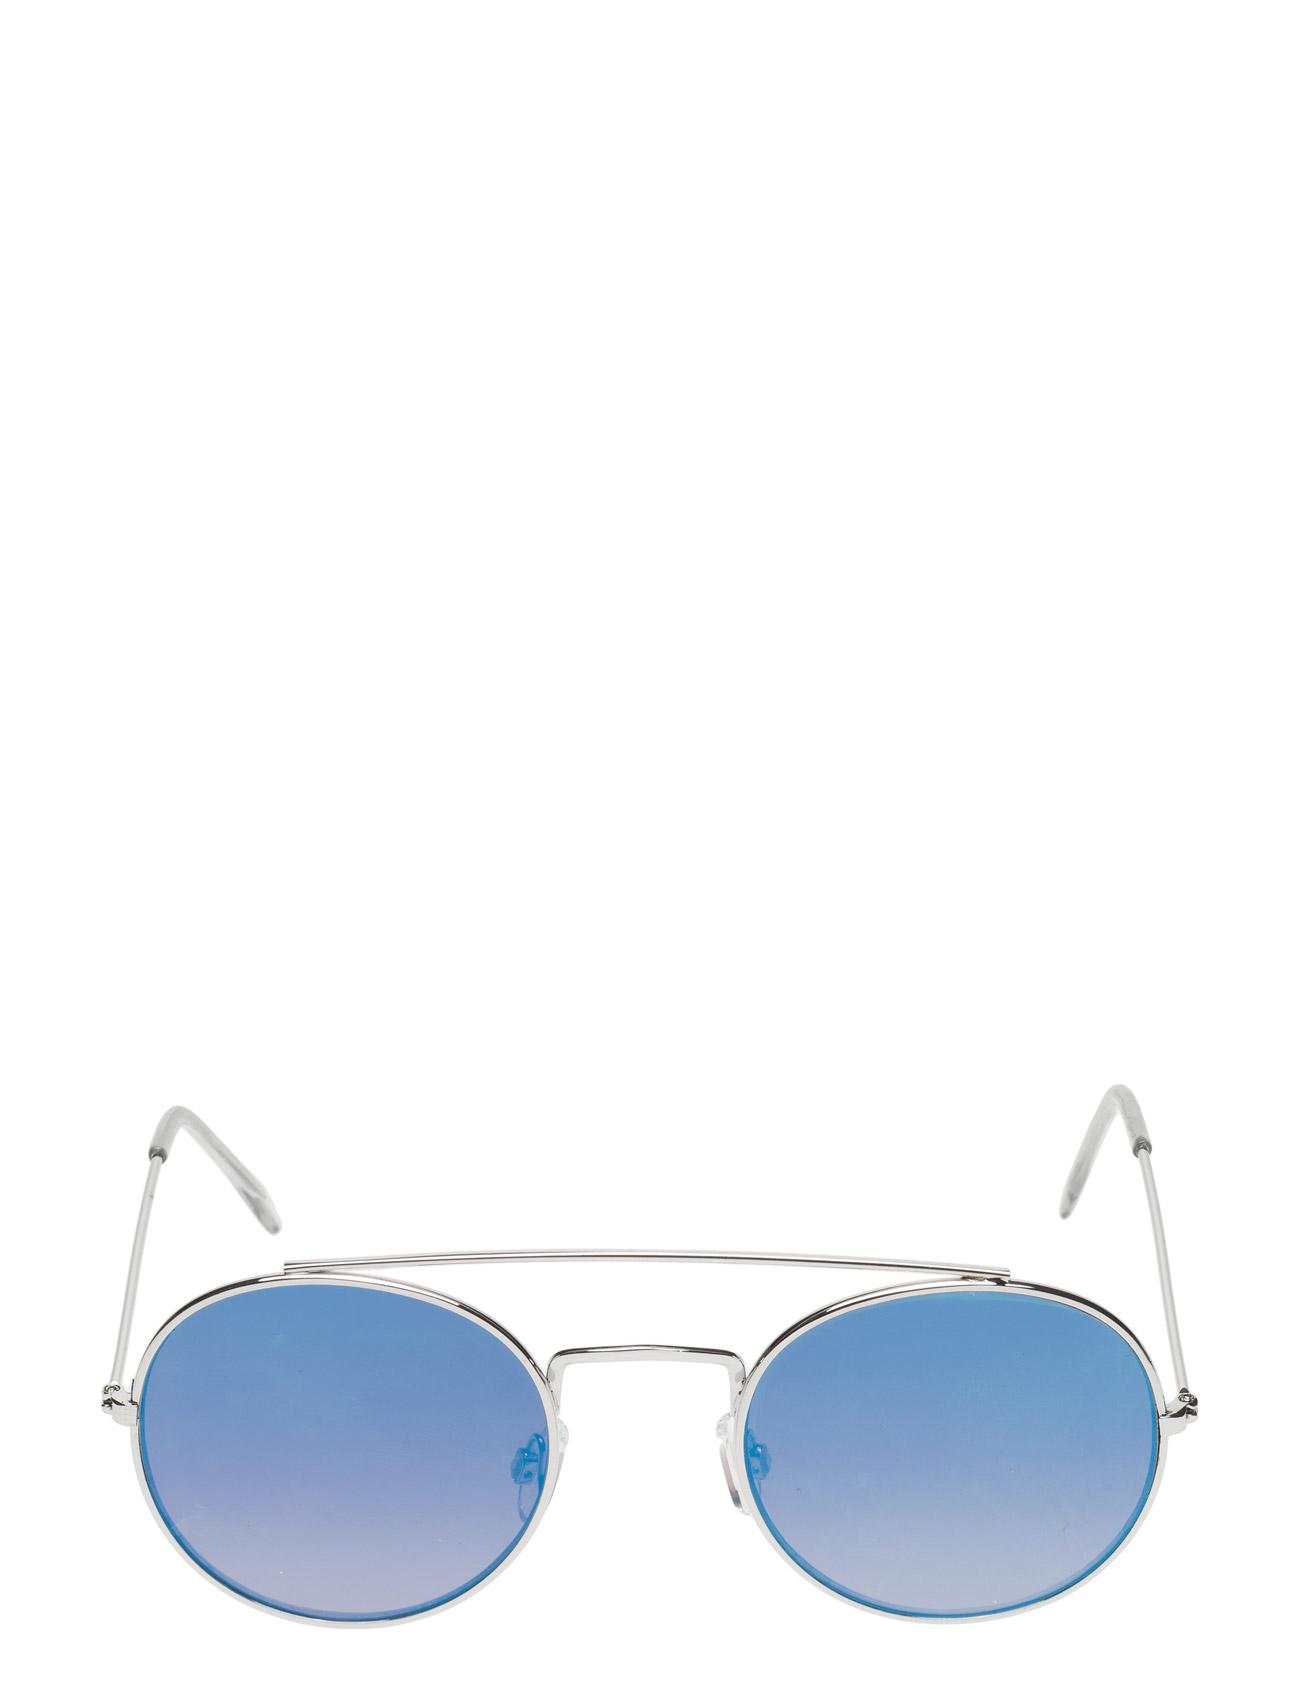 Round Mirrored Sunglasses Mango Solbriller til Kvinder i Sølv